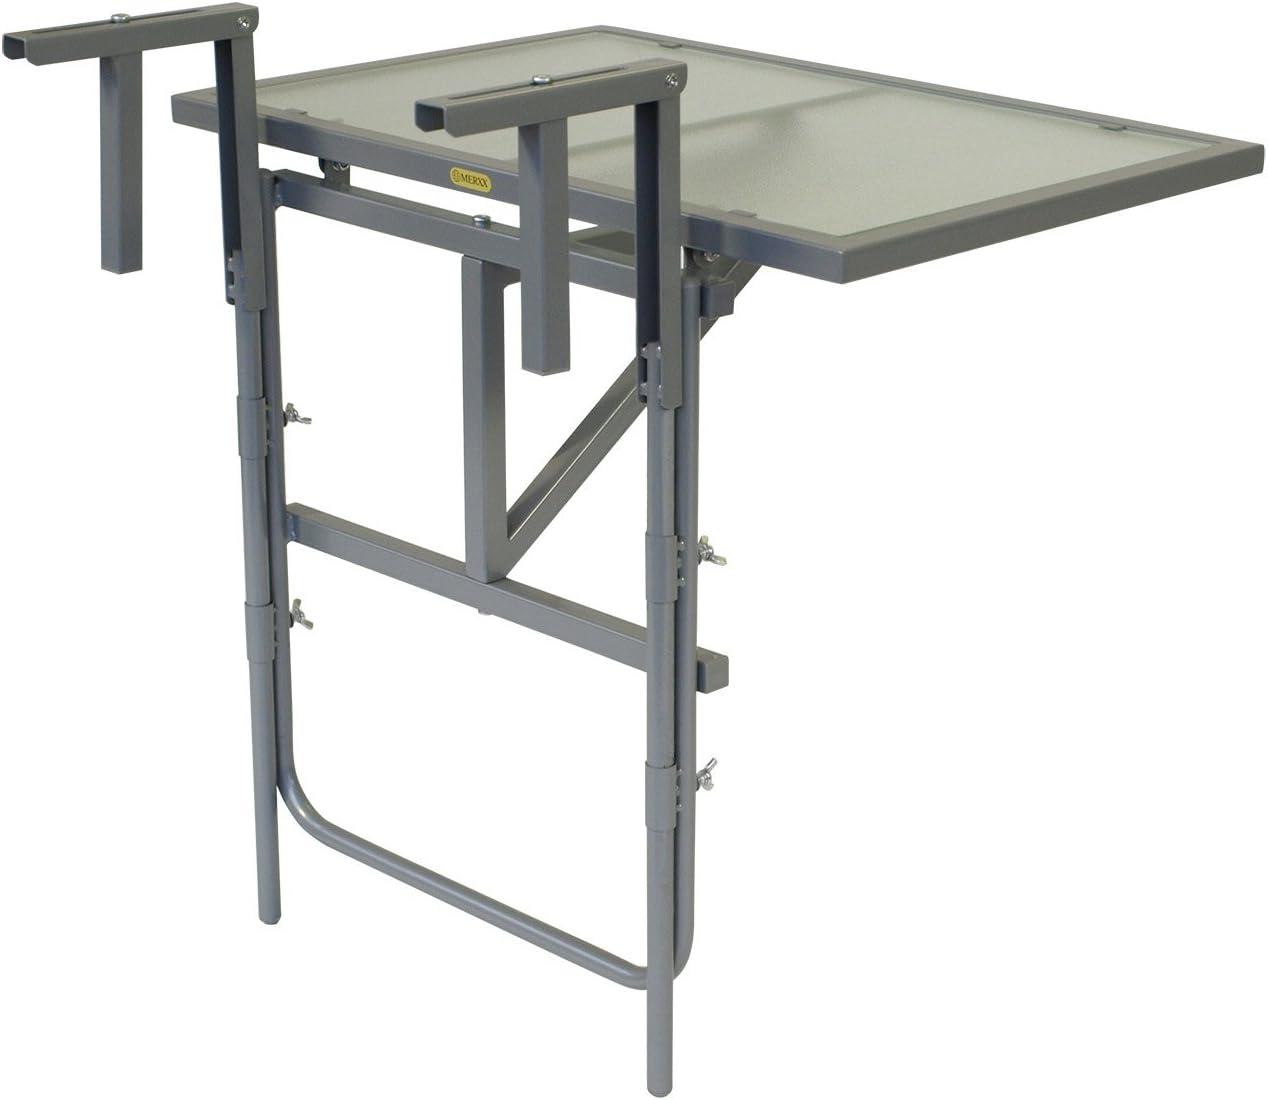 3-fach h/öhenverstellbarer Klapptisch Tischplatte B x T: 60 x 40 cm braun Relaxdays Balkonh/ängetisch BASTIAN klappbar